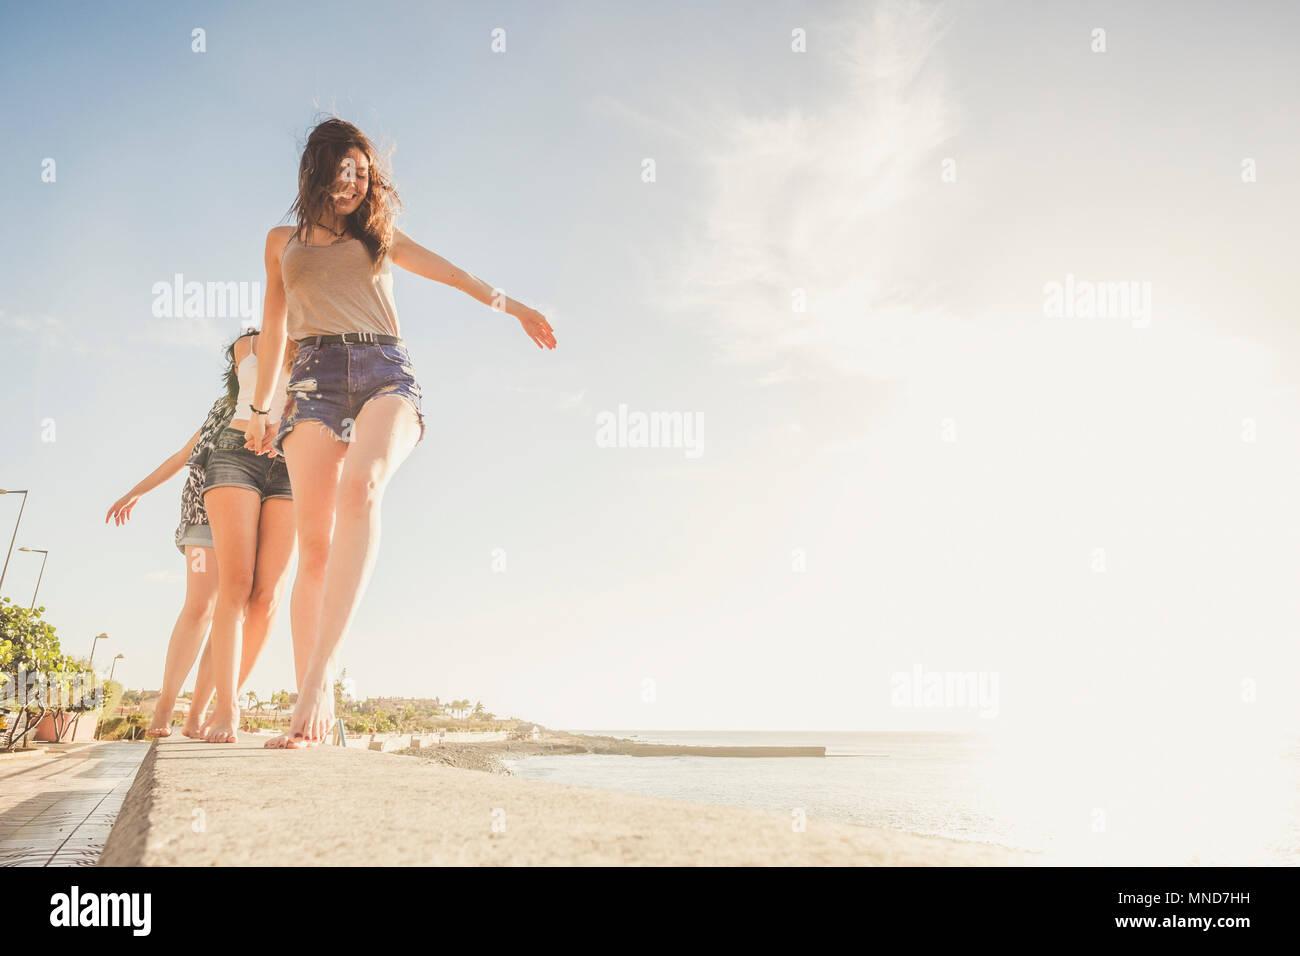 Tres jóvenes amigos, caminar juntos en una pared cerca de la Playa en Tenerife. Disfrute de las mejores vacaciones bajo un cielo azul con sol amarillo. Las manos con las manos. Foto de stock